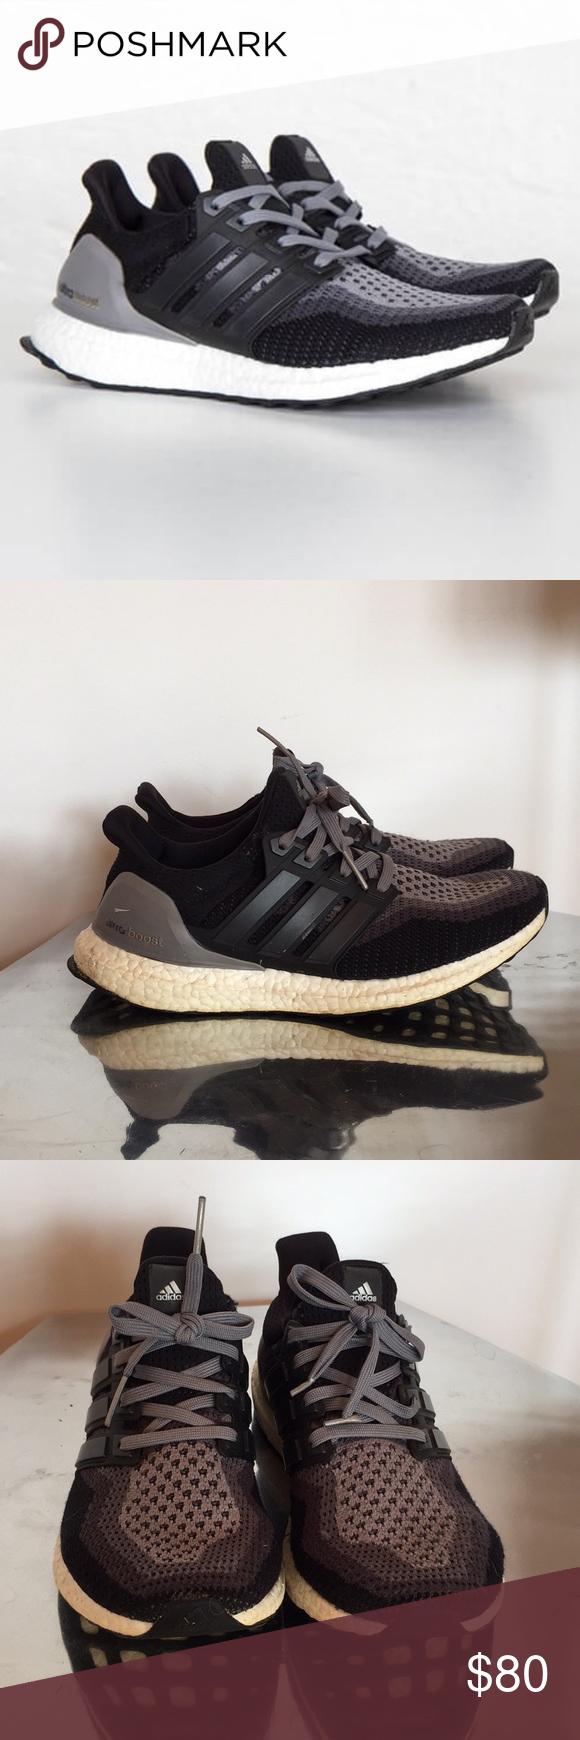 Las Adidas ultra Boost Adidas zapatos, zapatos tenis y Adidas